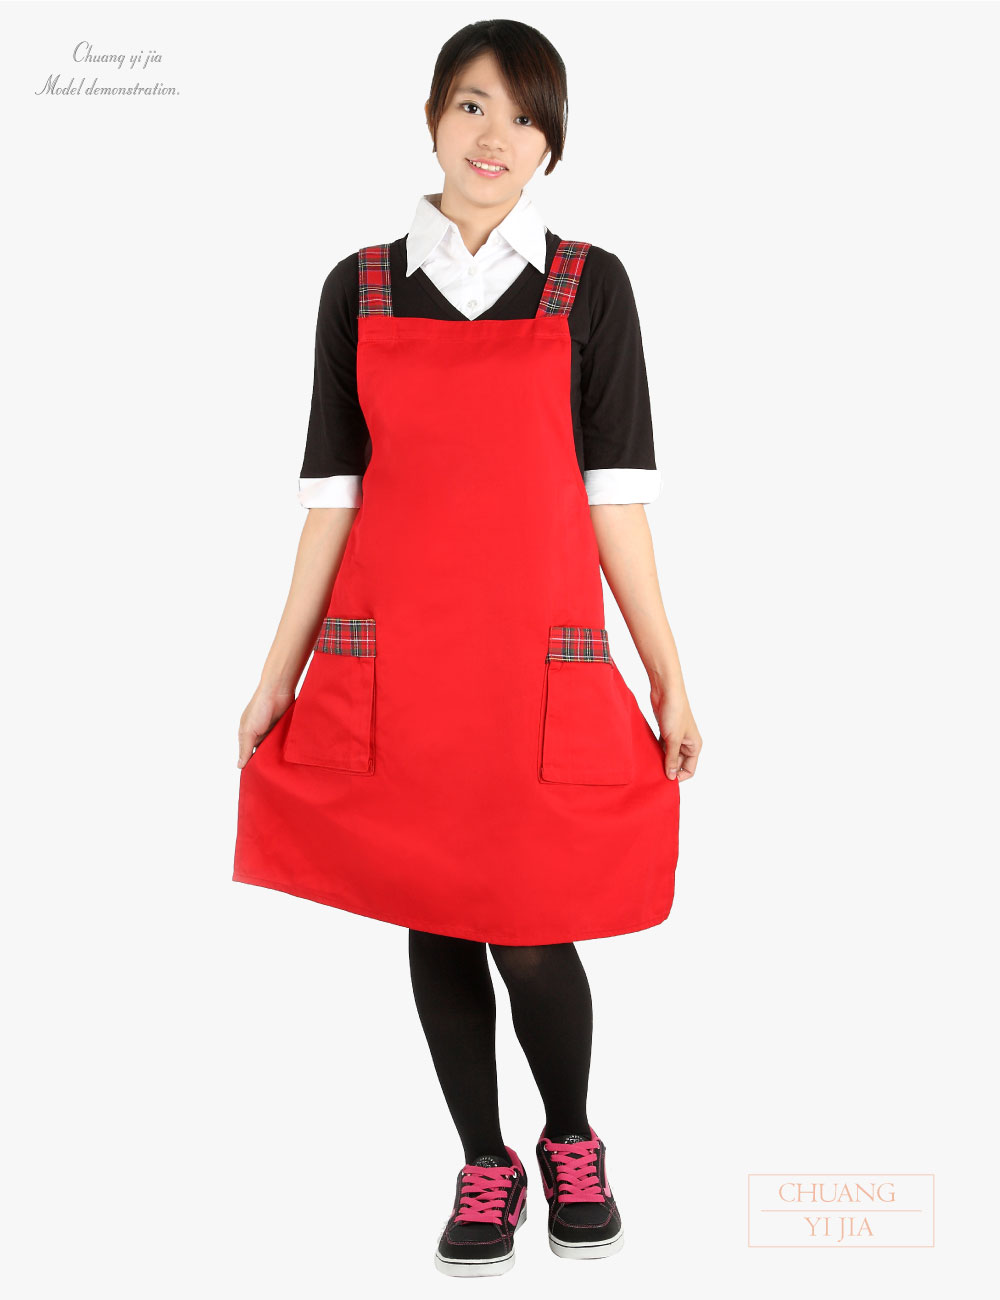 格子圍裙日式,廚師圍裙,烘培圍裙,園藝圍裙,防髒圍裙,日式圍裙,半截圍裙,圍裙訂製,職人日式圍裙圍